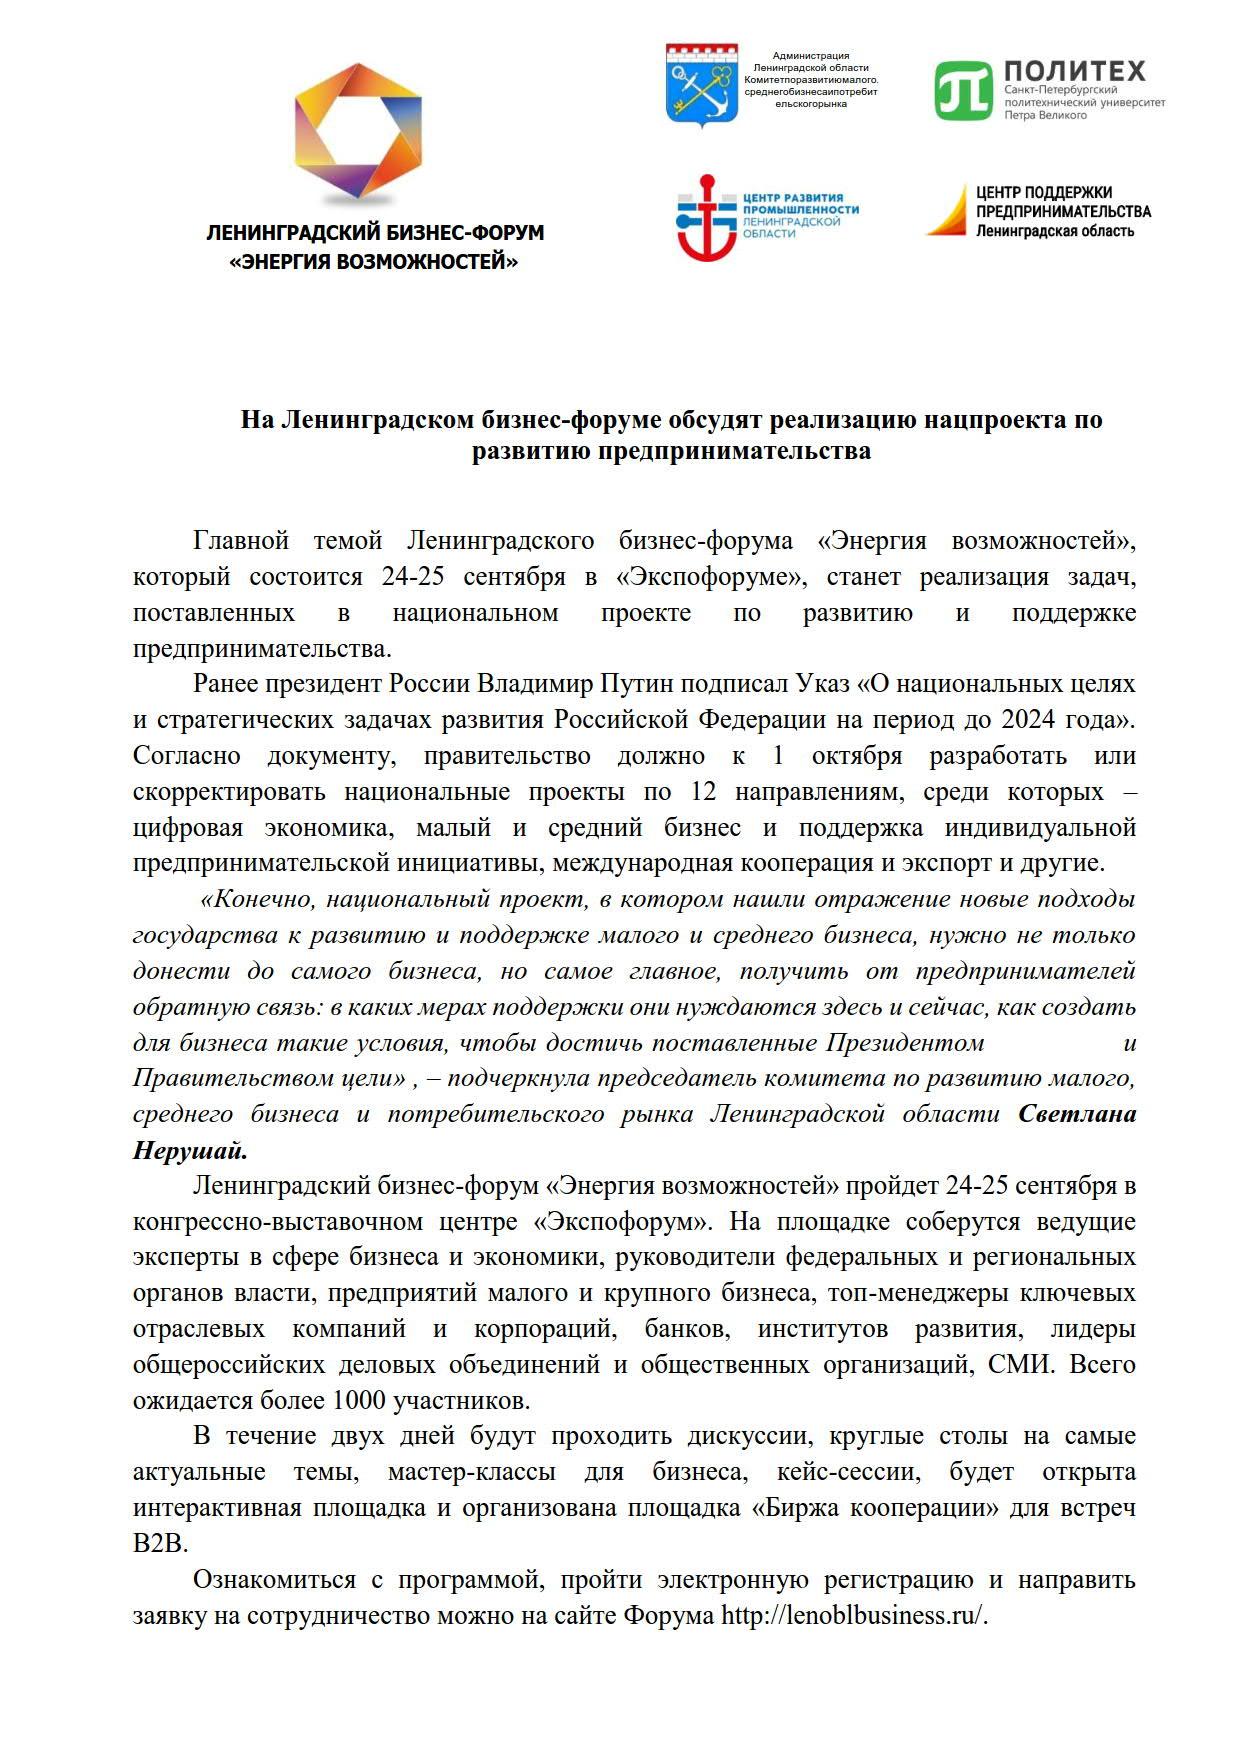 Бизнес-форум_комментраий С.И.Нерушай_1